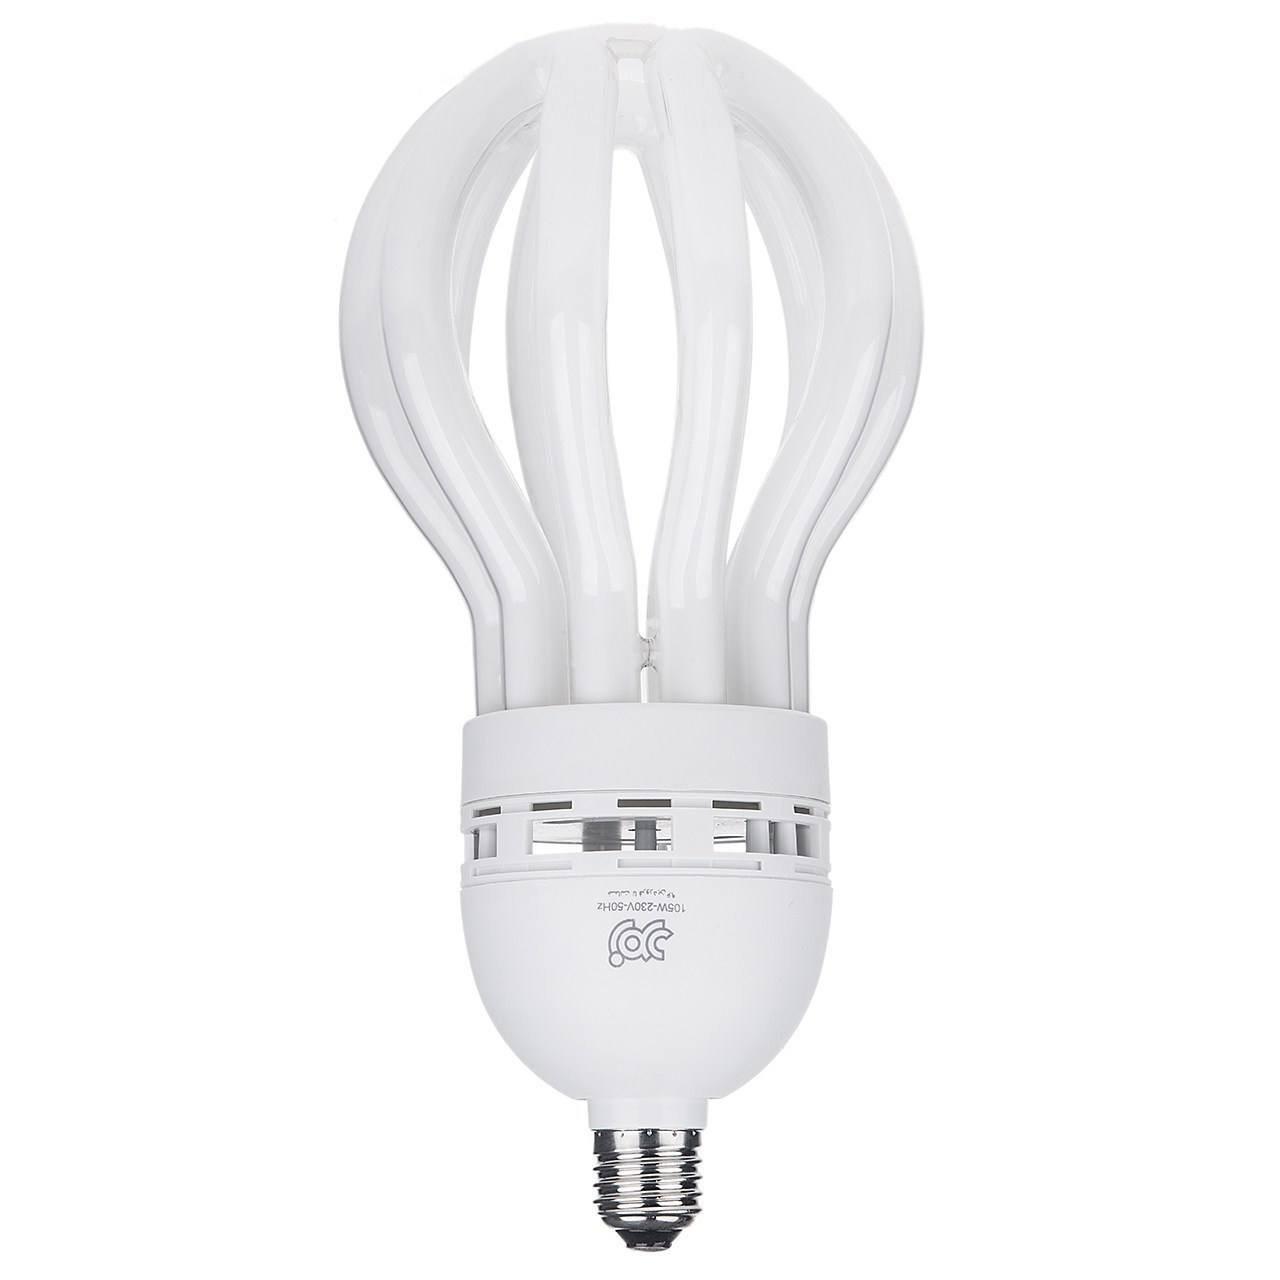 تصویر لامپ کم مصرف 105 وات آفتابی لوتوس زمرد پایه  E27